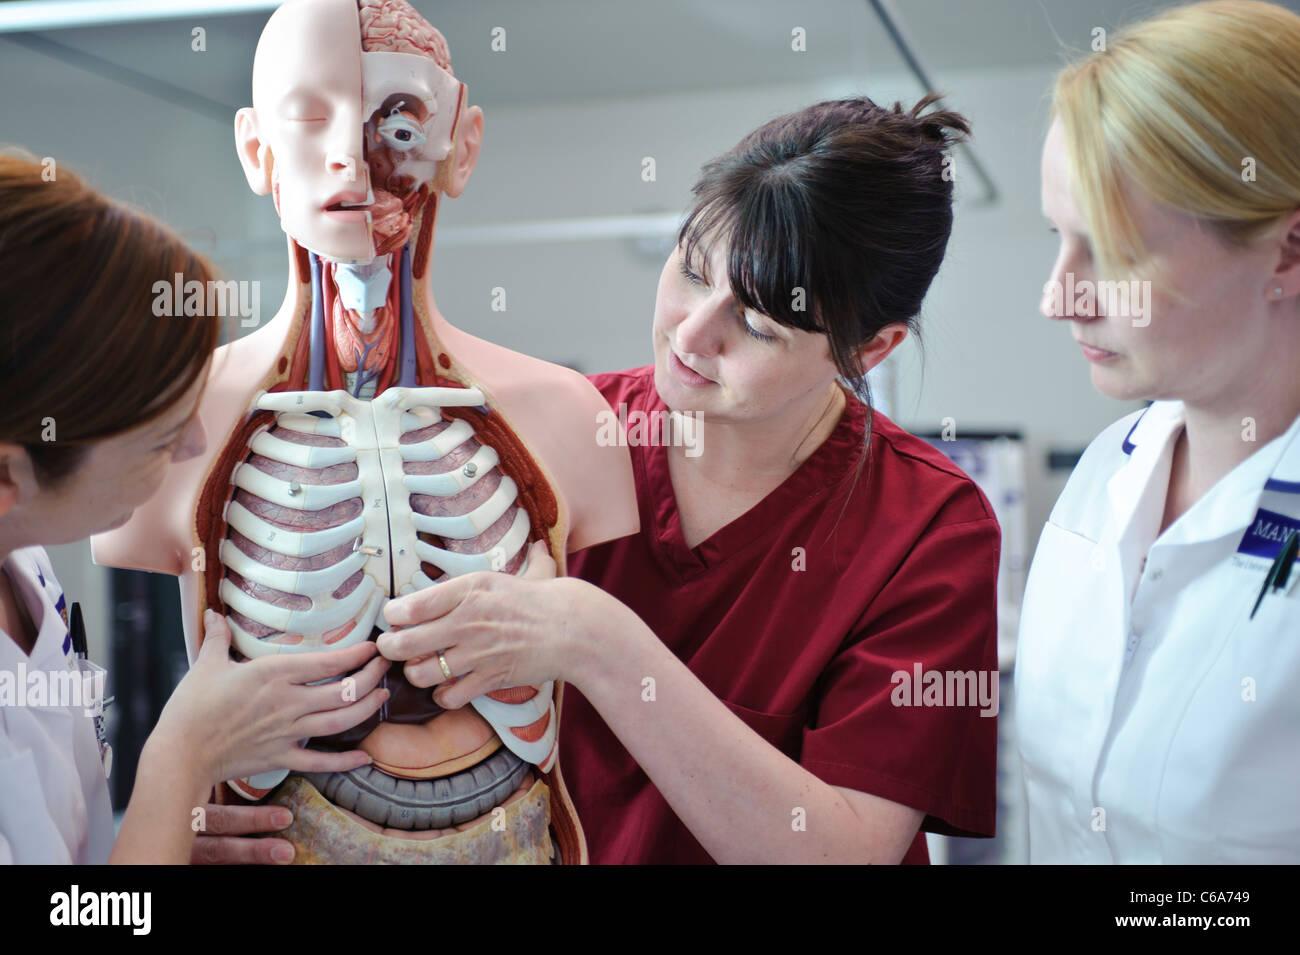 Femmina bianca infermieri dello studente e insegnante interagendo con anatomia umana modello anatomico Immagini Stock